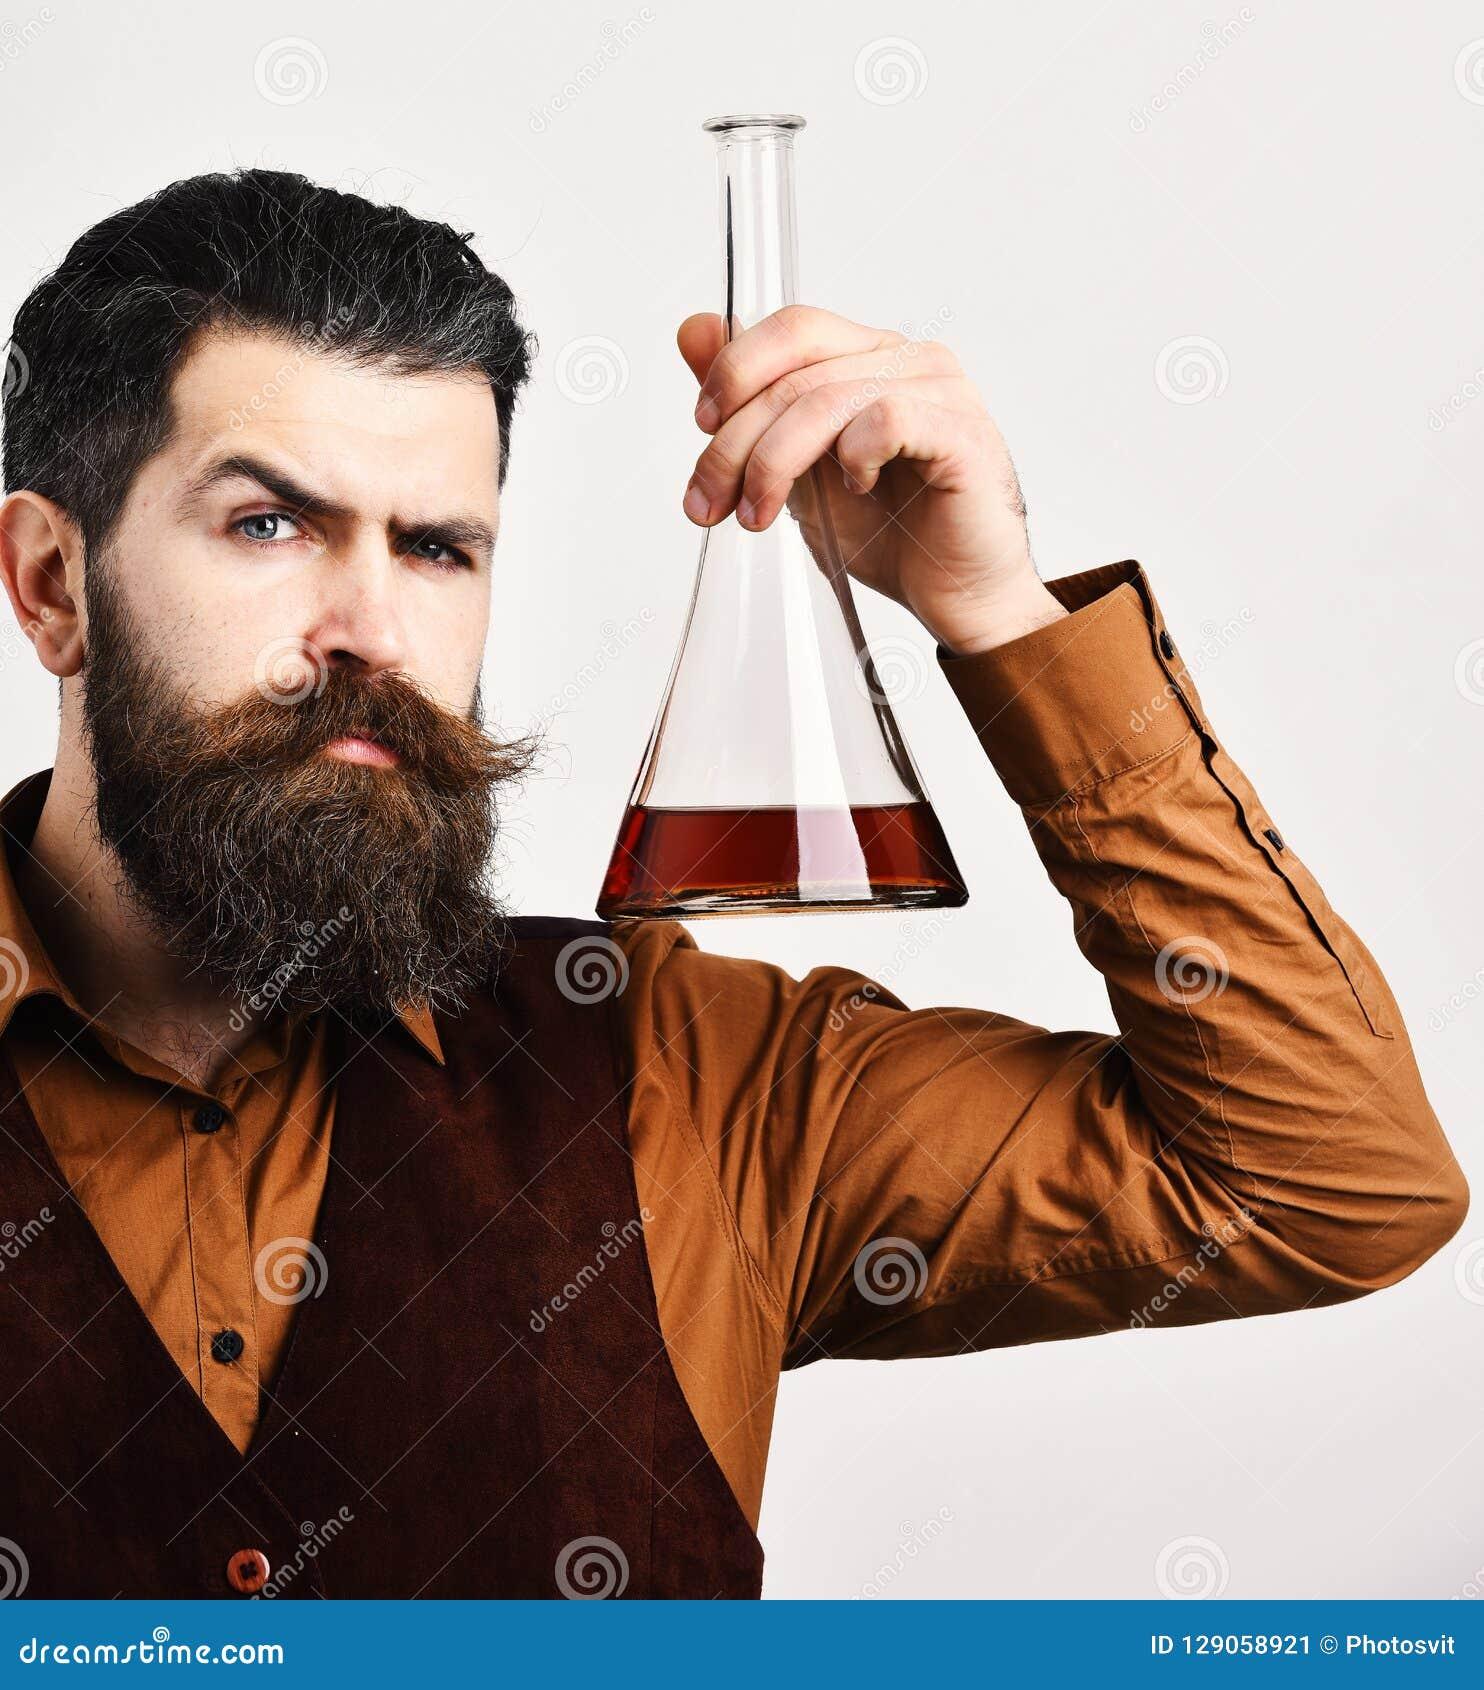 葡萄酒背心的男服务员对负刻痕或白兰地酒